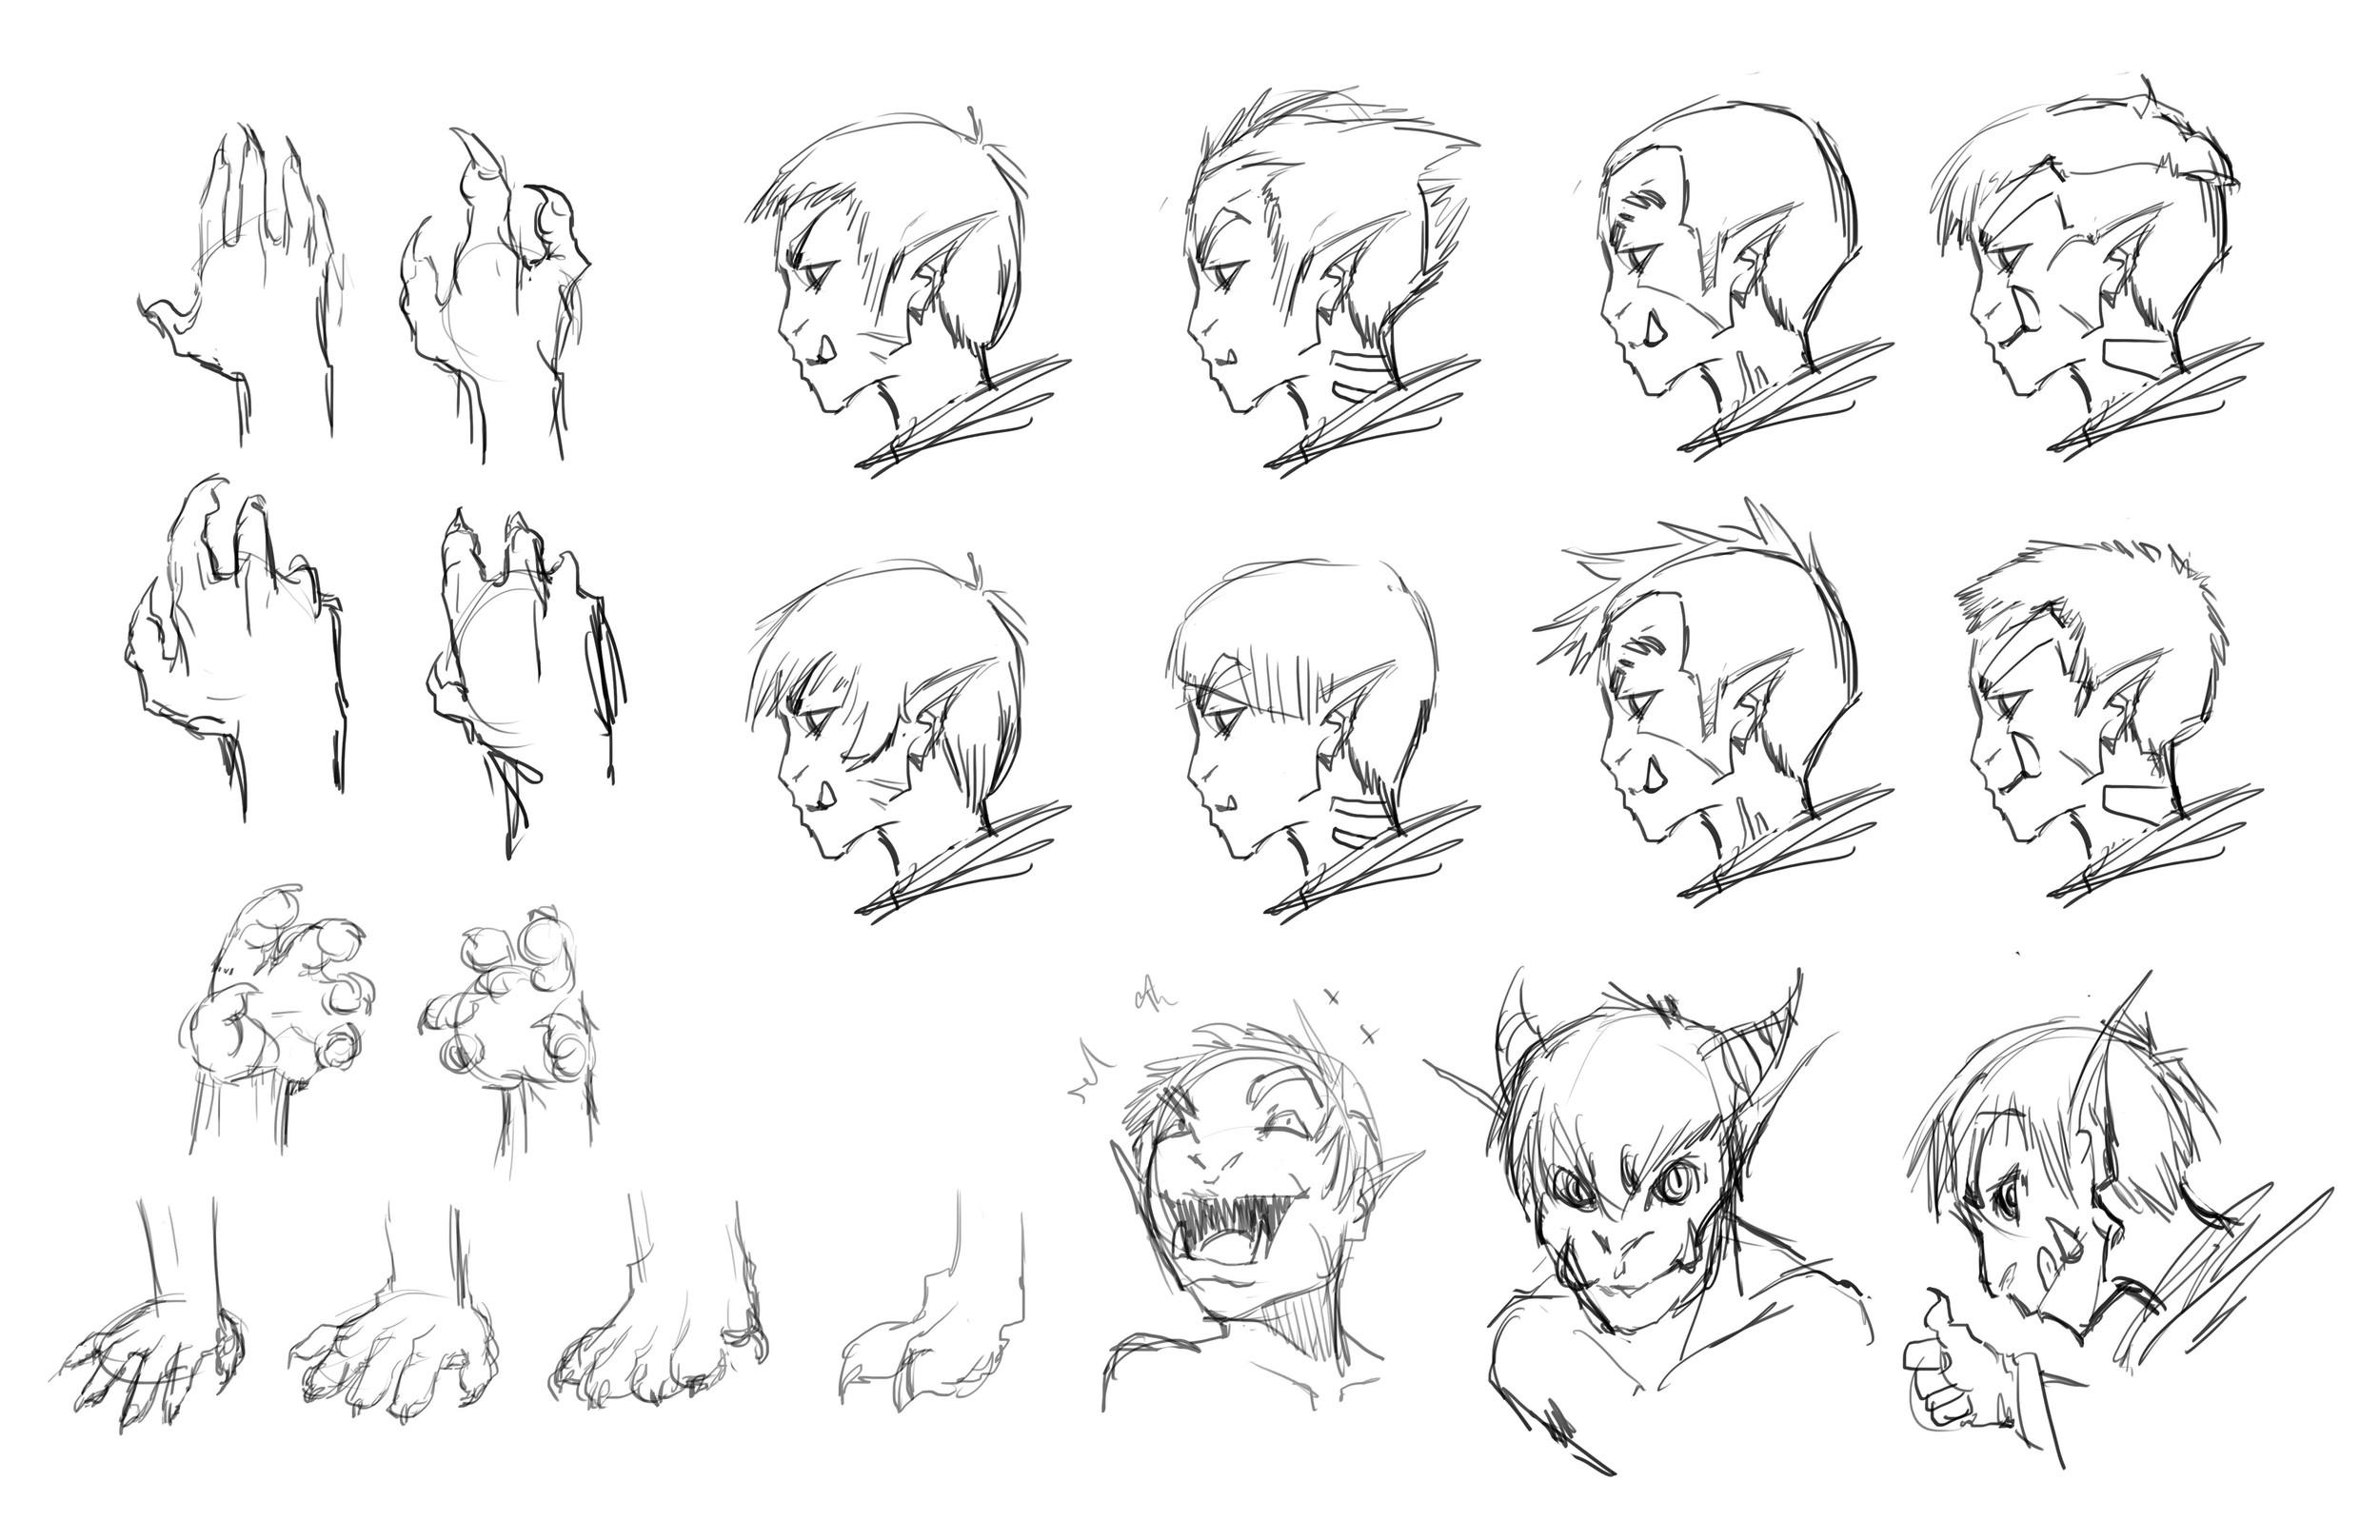 character sheet - orc kid 1.jpg